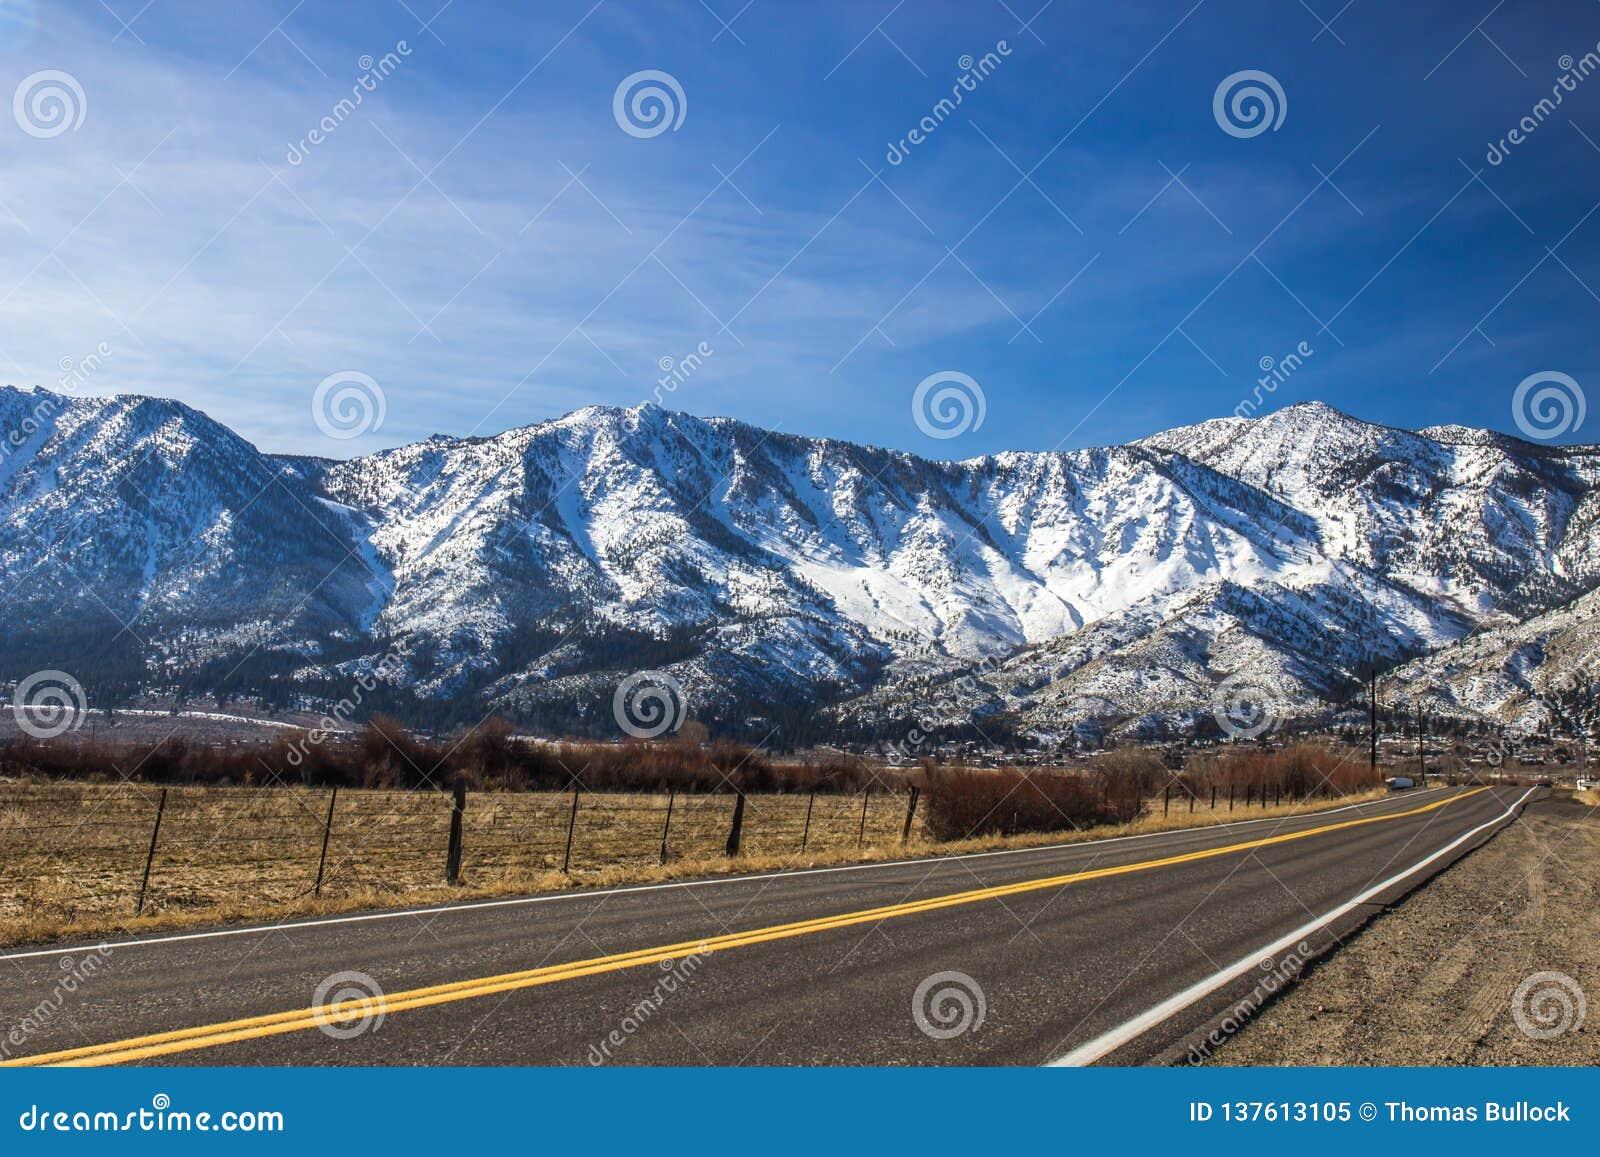 Μόνος δρόμος που οδηγεί στην οροσειρά βουνά της Νεβάδας